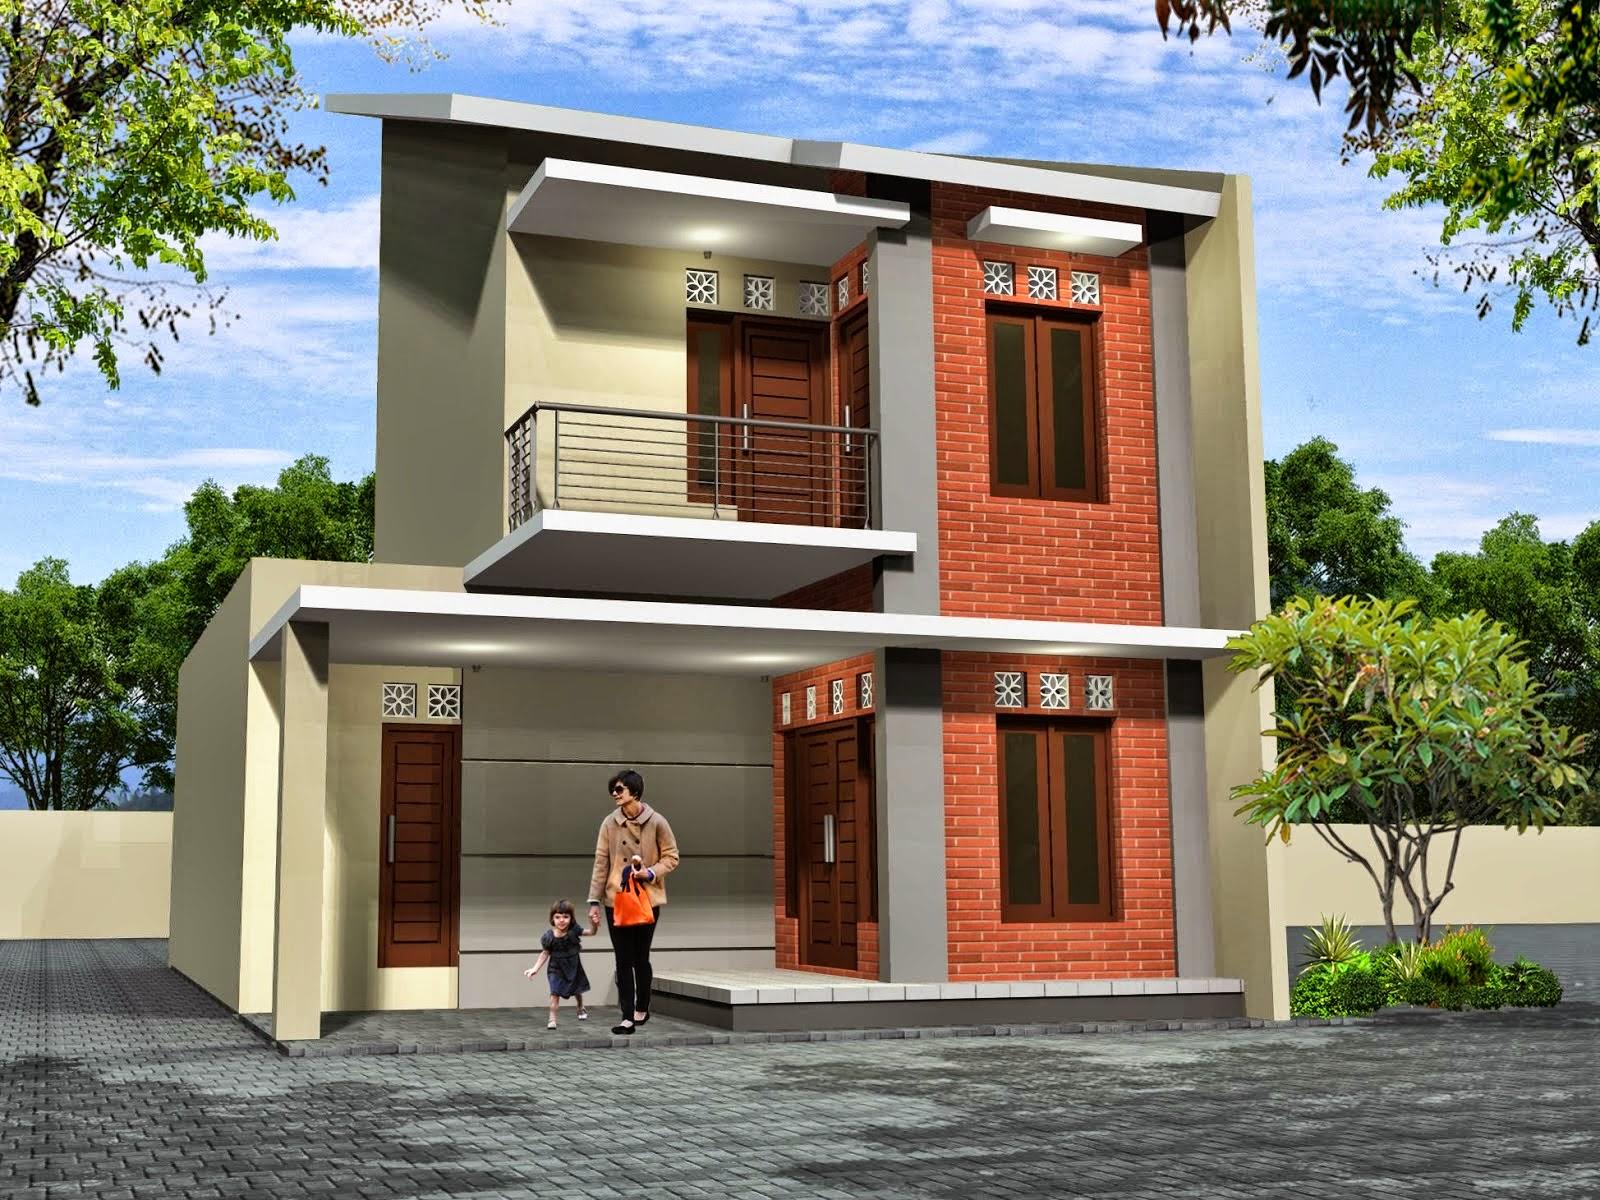 Desain Rumah Minimalis 2 Lantai Dan Biaya Foto Desain Rumah